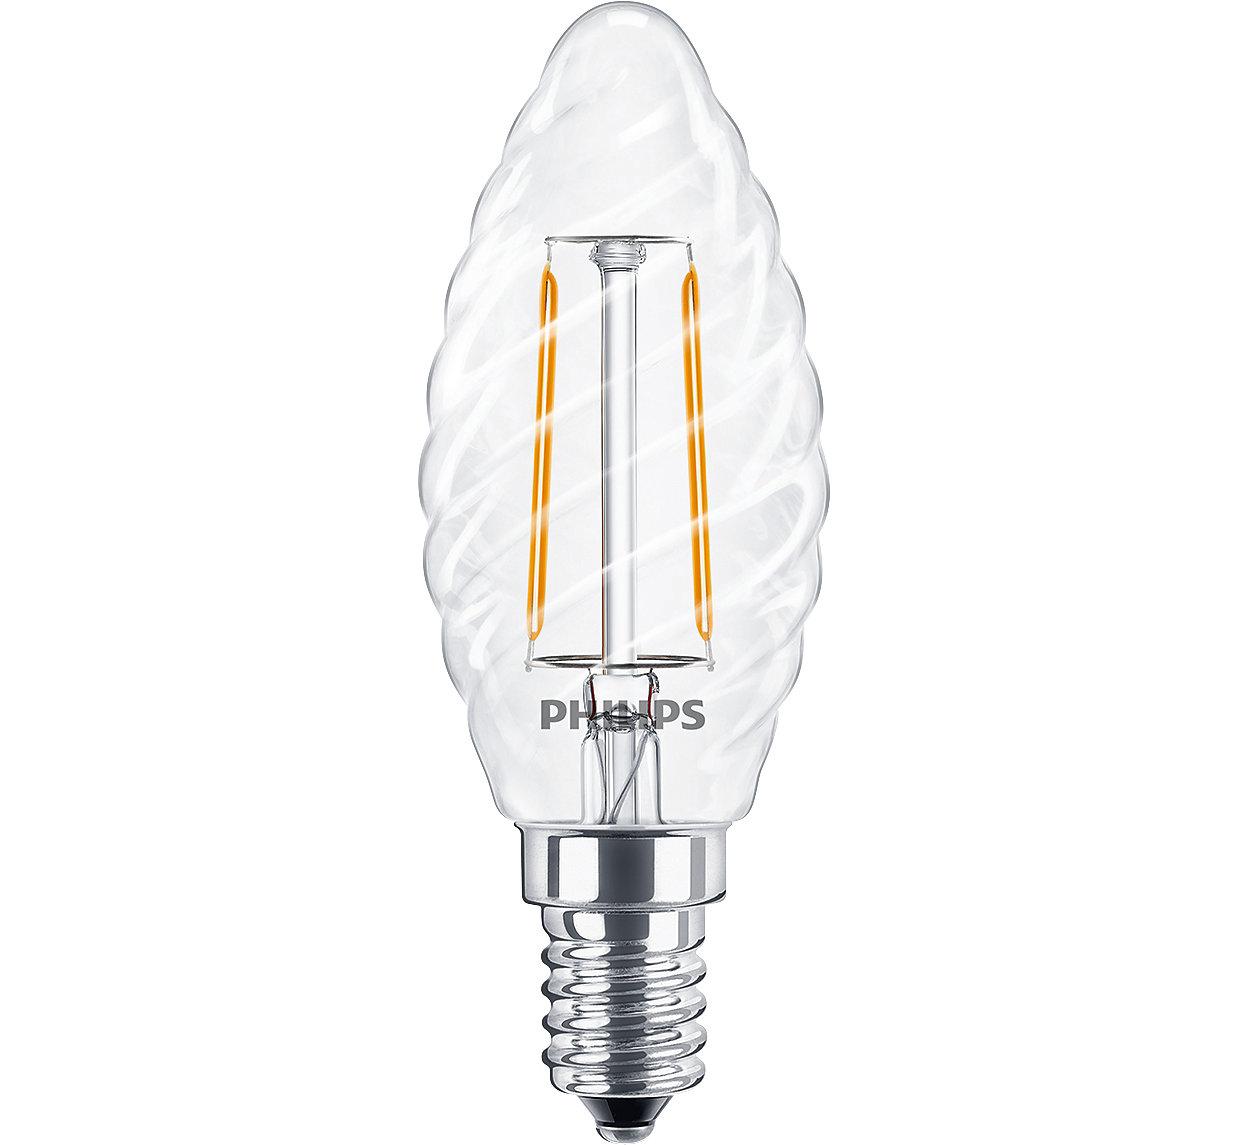 LED-lyskilder med klassisk glødetråd giver dekorativ belysning